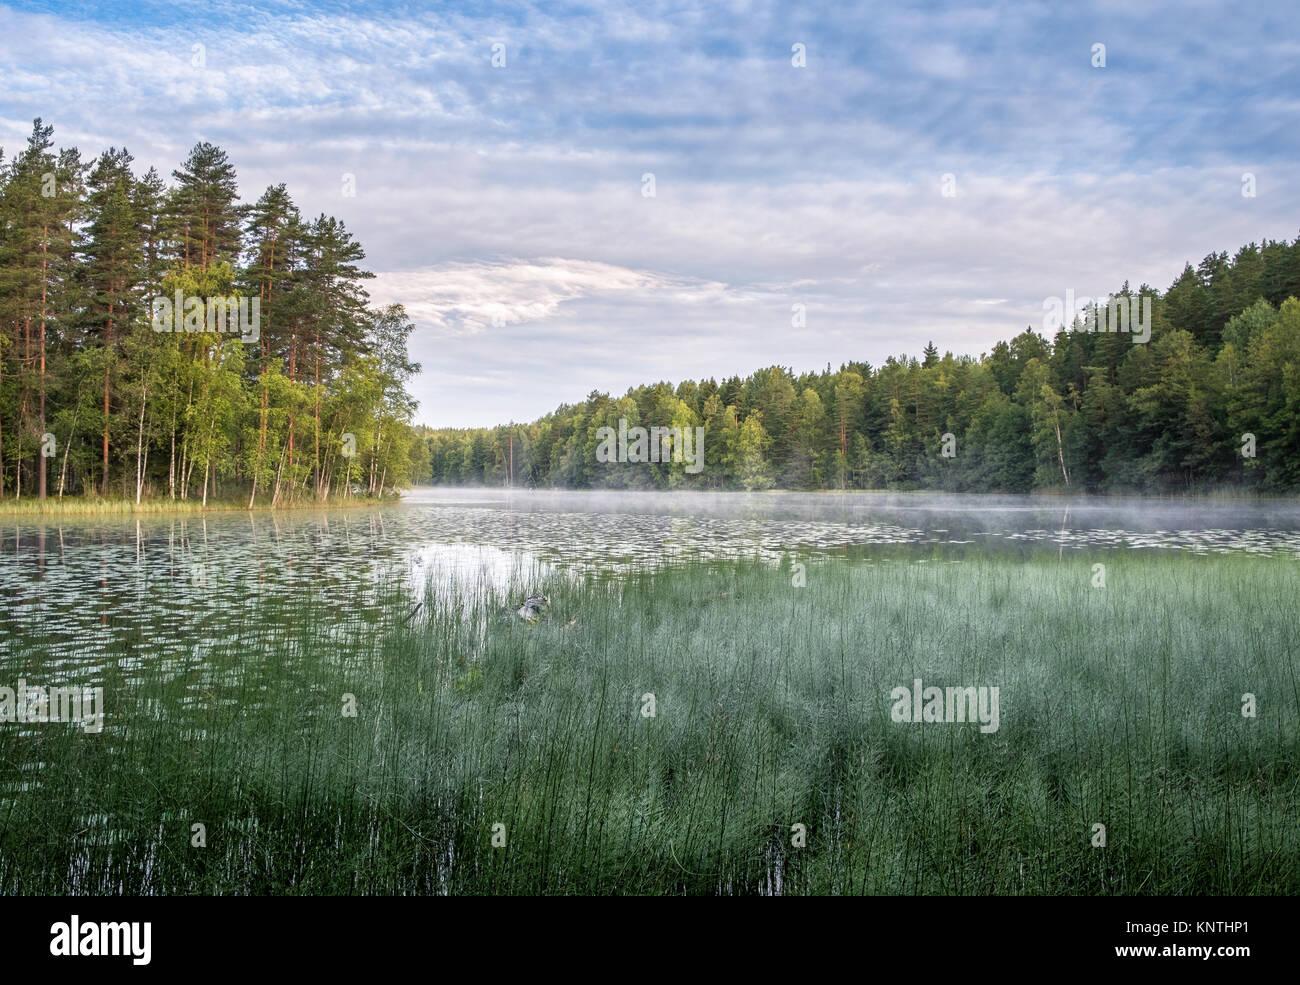 Matin calme avec vue panoramique sur le lac de l'humeur à l'automne dans le parc national de Nuuksio, Finlande Banque D'Images